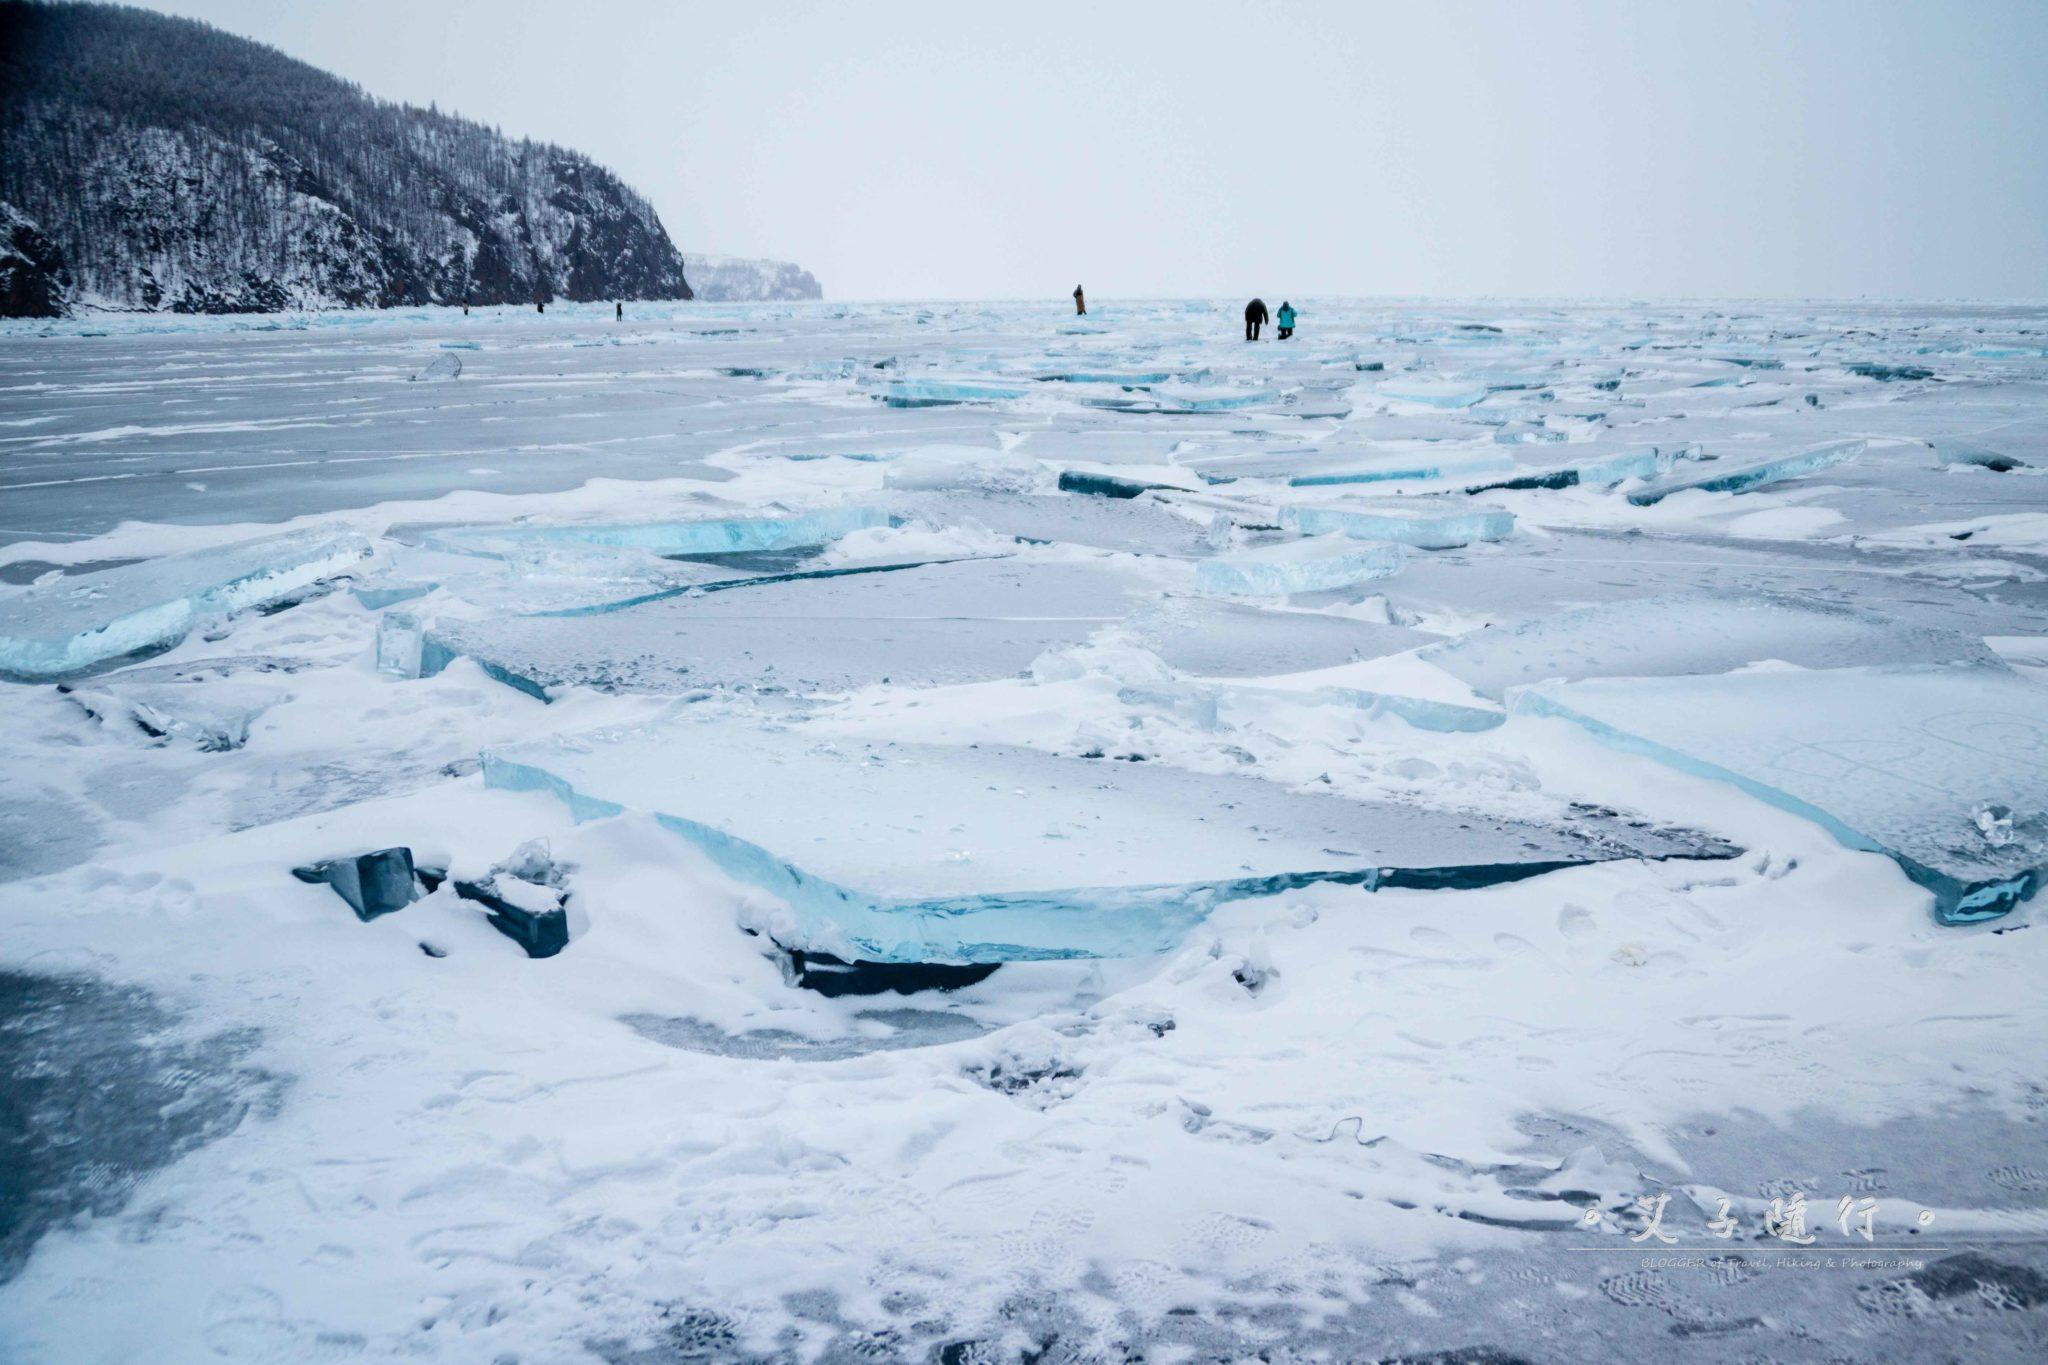 【伊爾庫茨克】Maloye More!北線看破冰之旅。